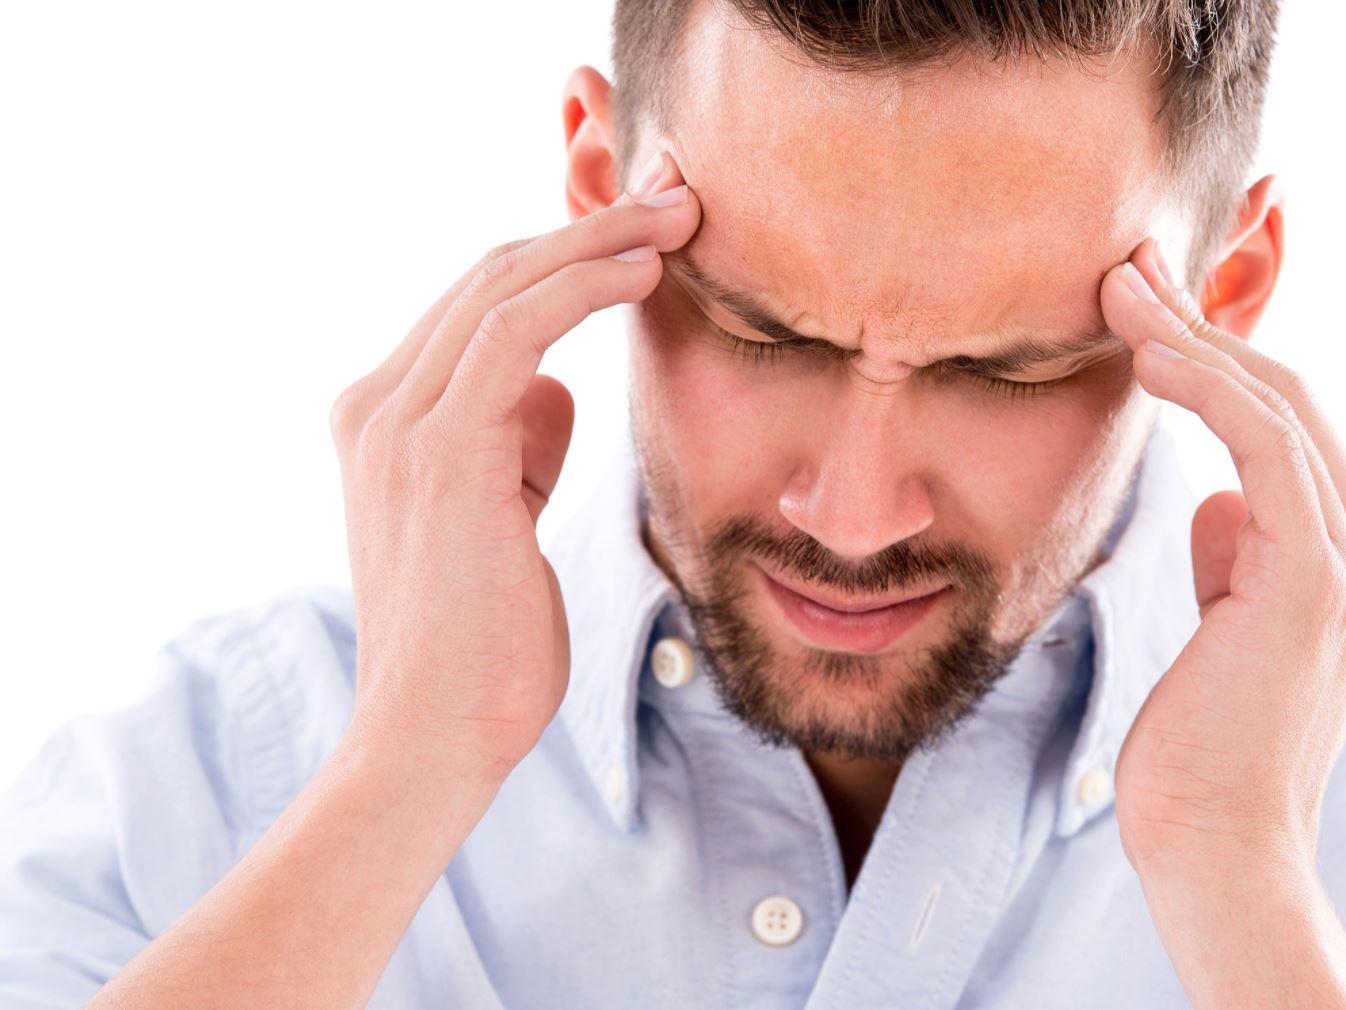 Orsaker till huvudvärk